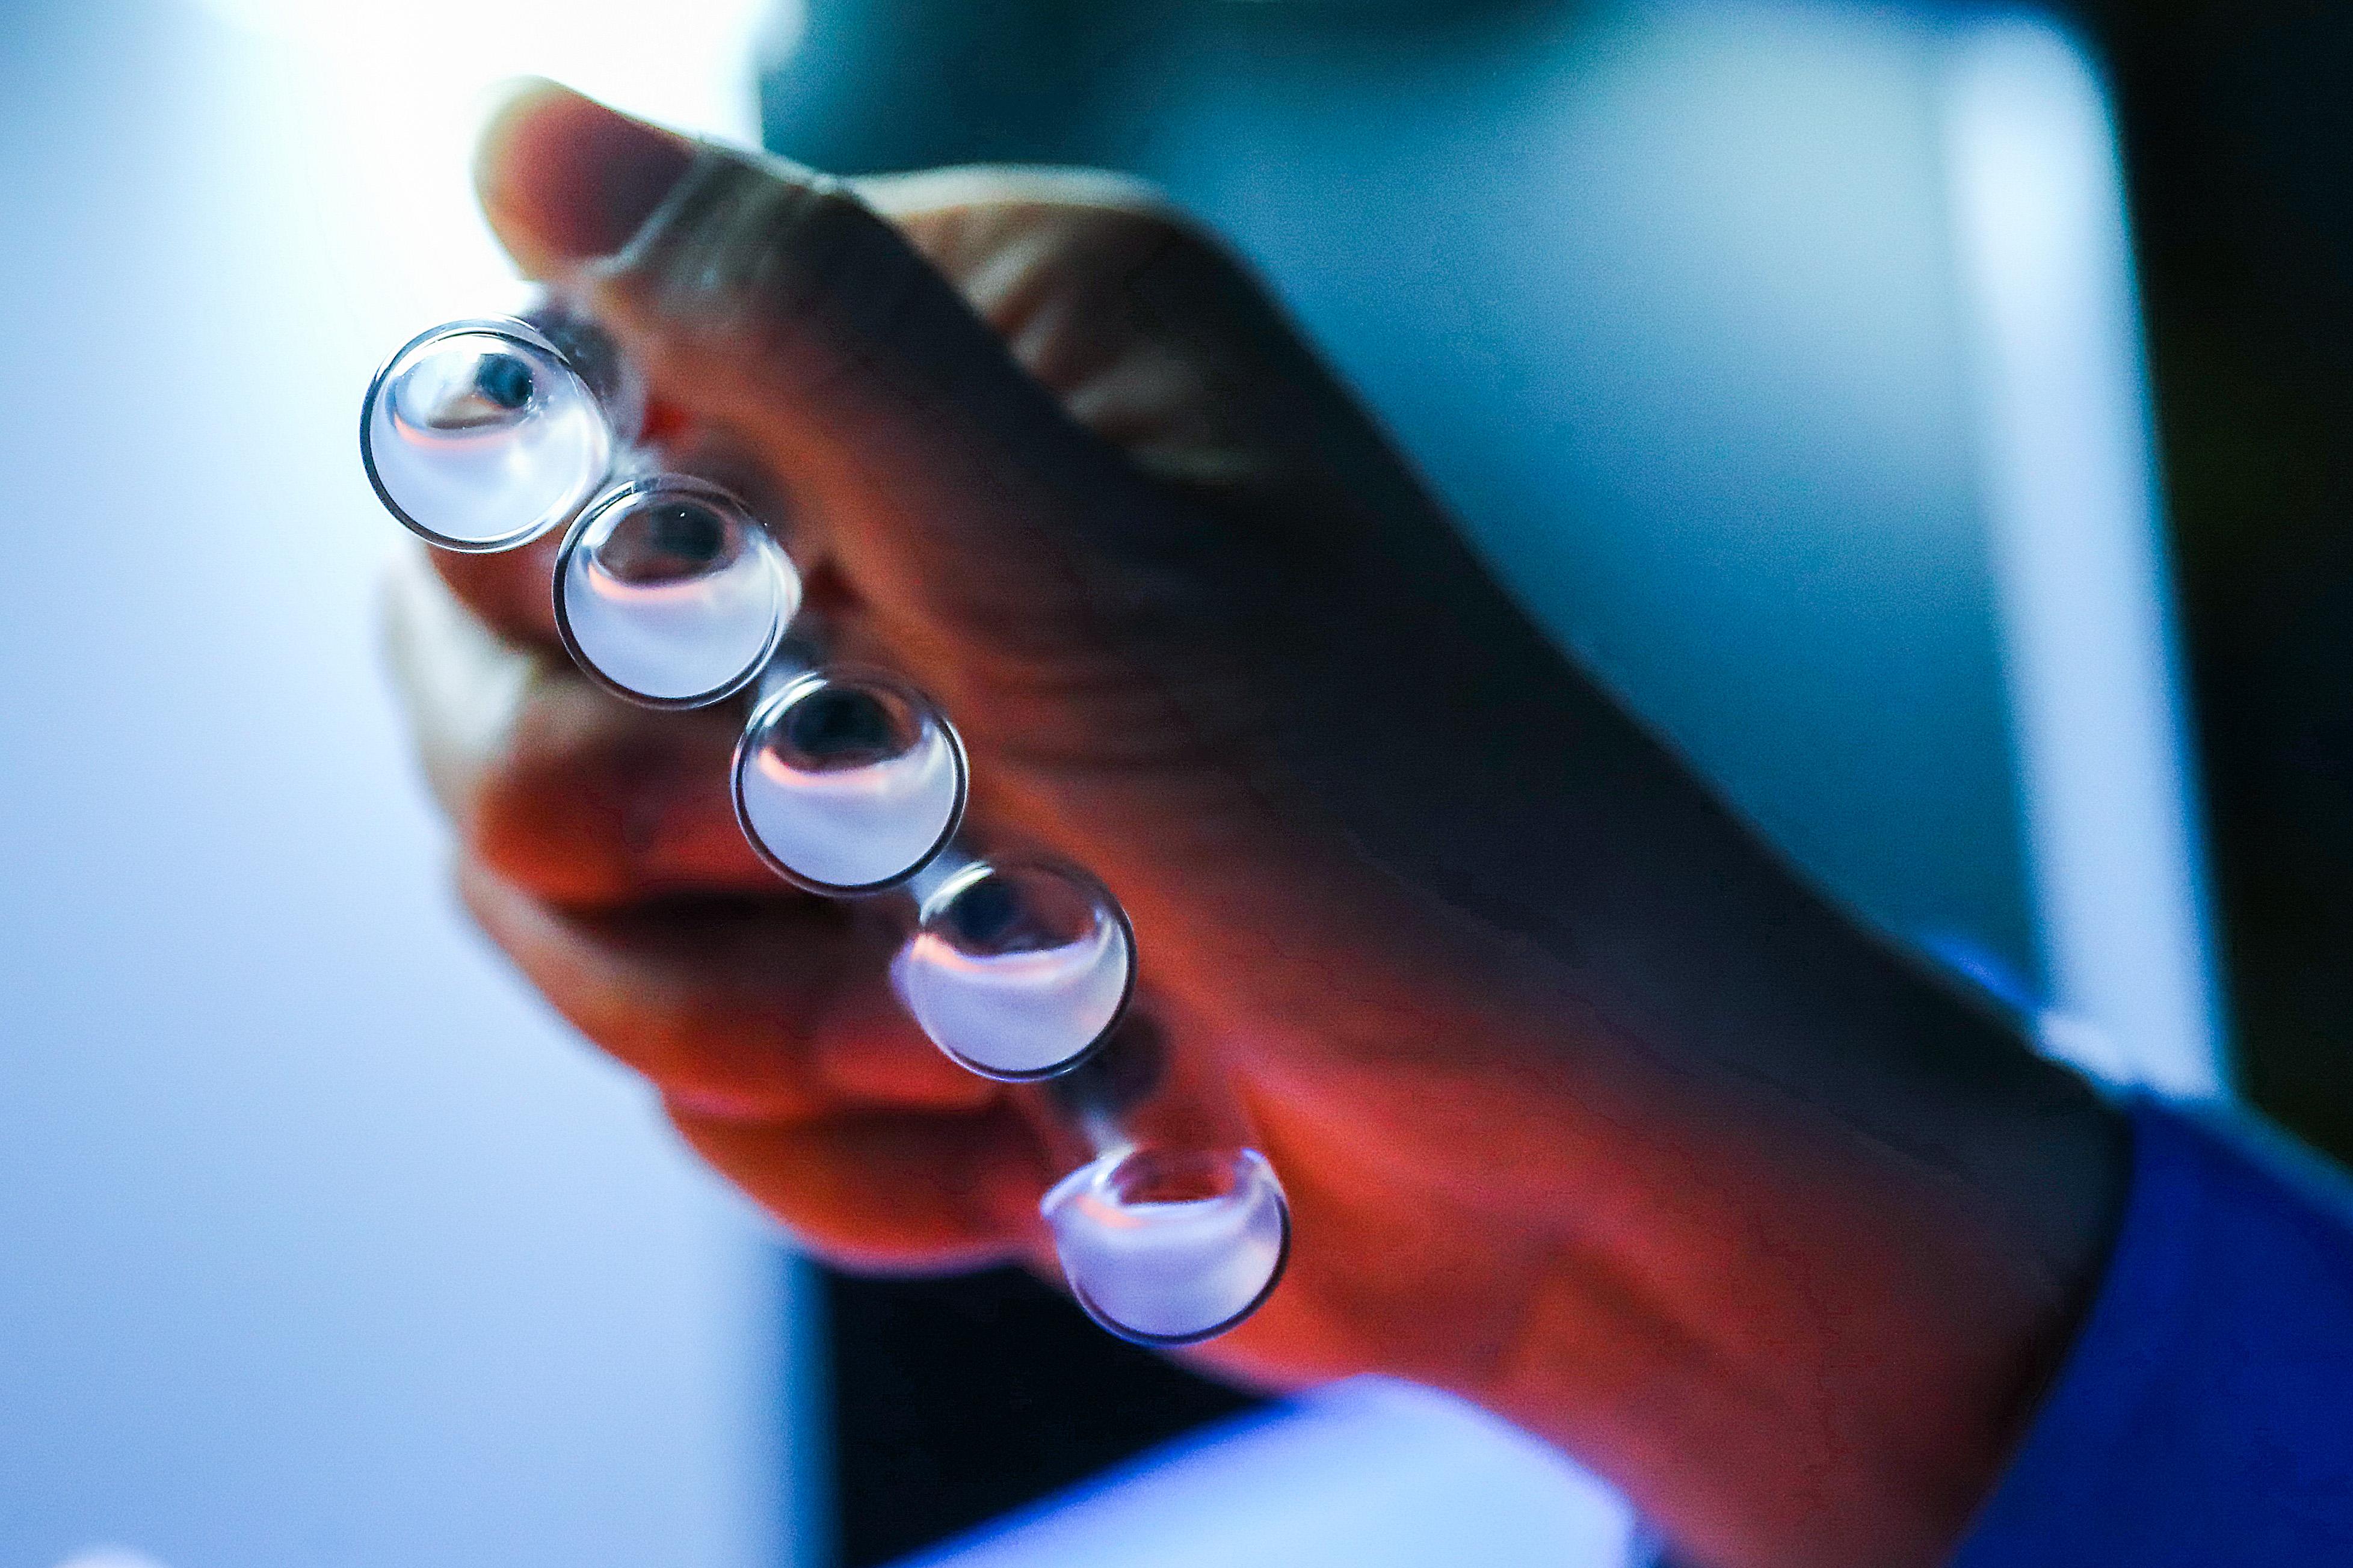 Szerdán érkezik a bamlanivimab nevű, koronavírus ellen hatékony gyógyszer Magyarországra